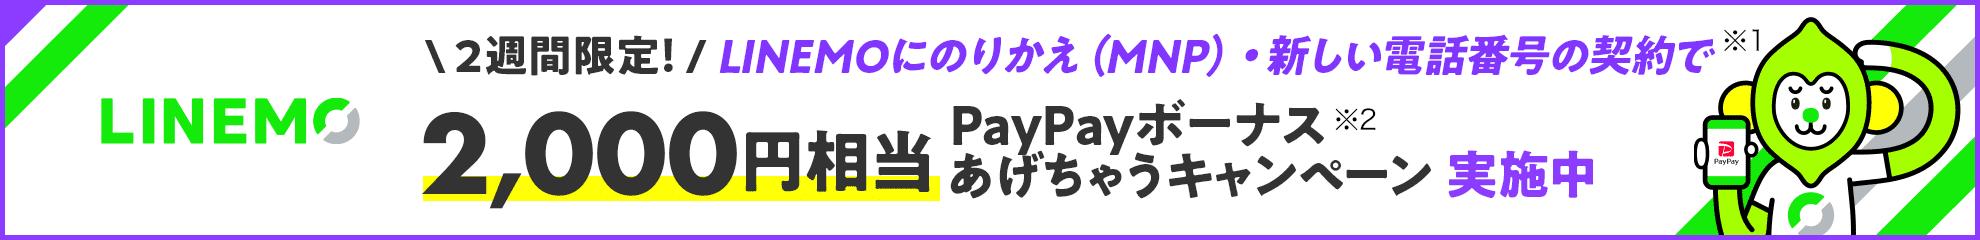 LINEMO 2週間限定! LINEMOにのりかえ(MNP)・新しい電話番号の契約で※1 2,000円相当PayPayボーナス※2 あげちゃうキャンペーン実施中